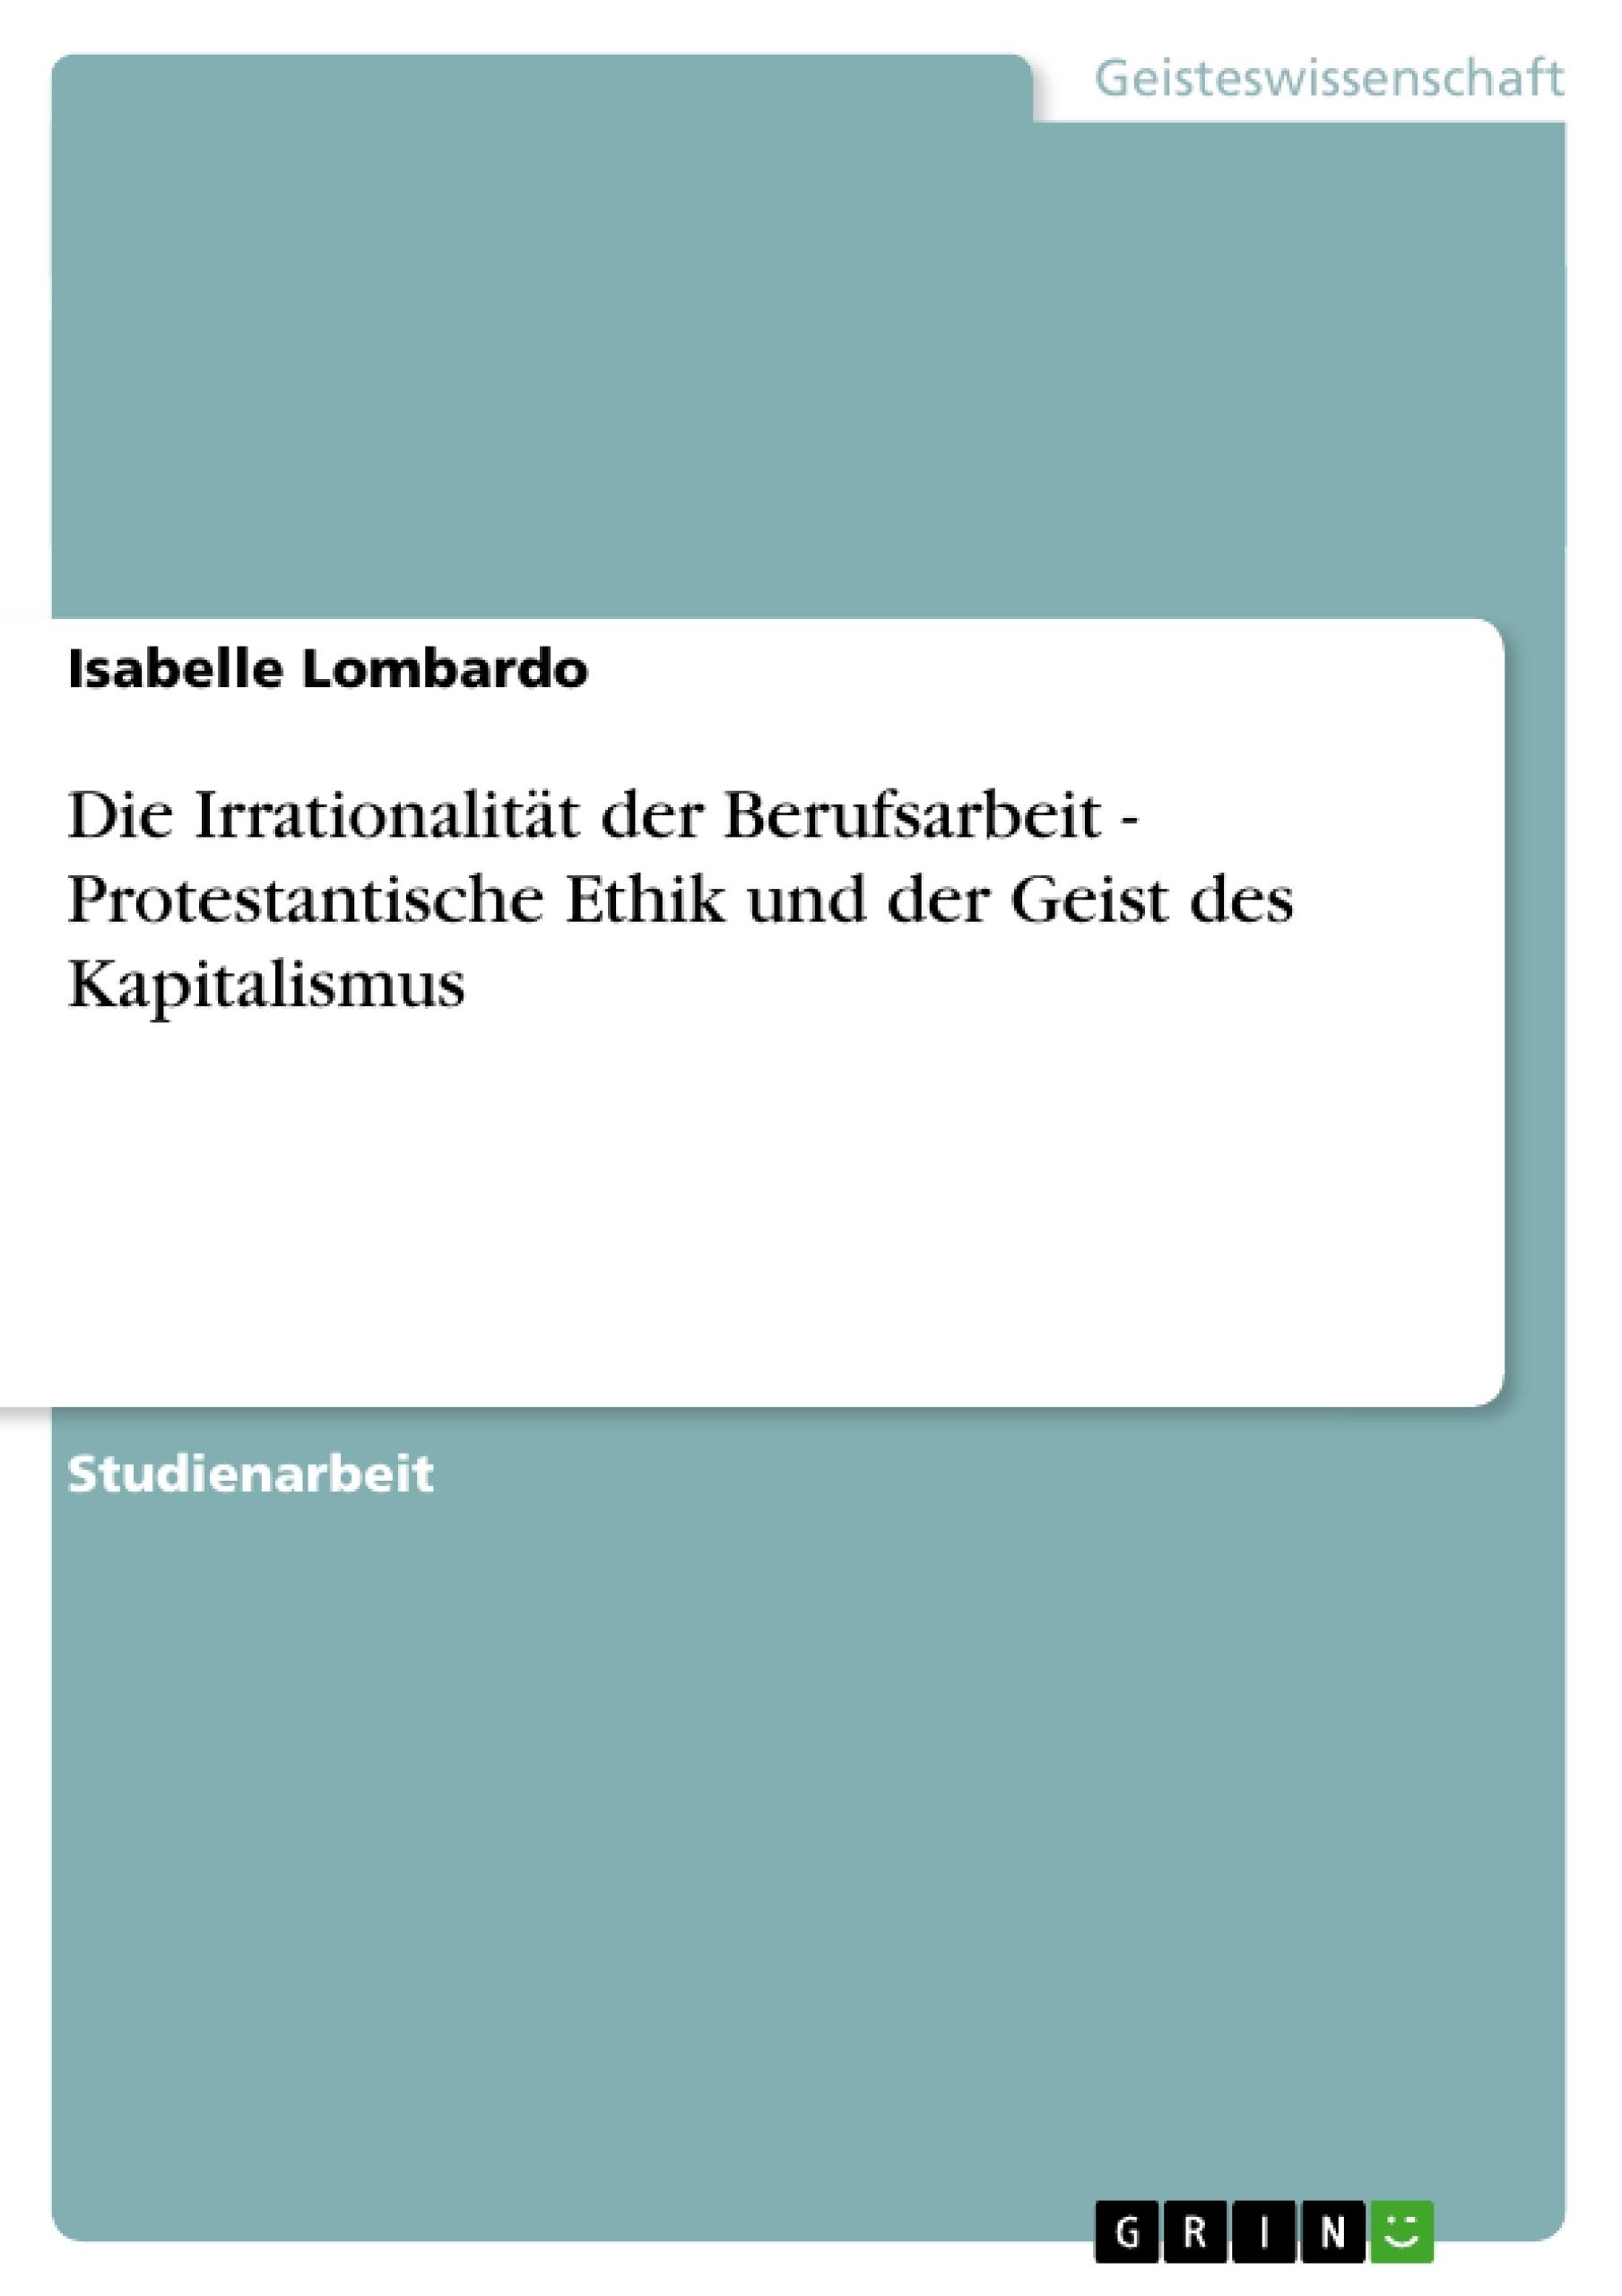 Titel: Die Irrationalität der Berufsarbeit - Protestantische Ethik und der Geist des Kapitalismus